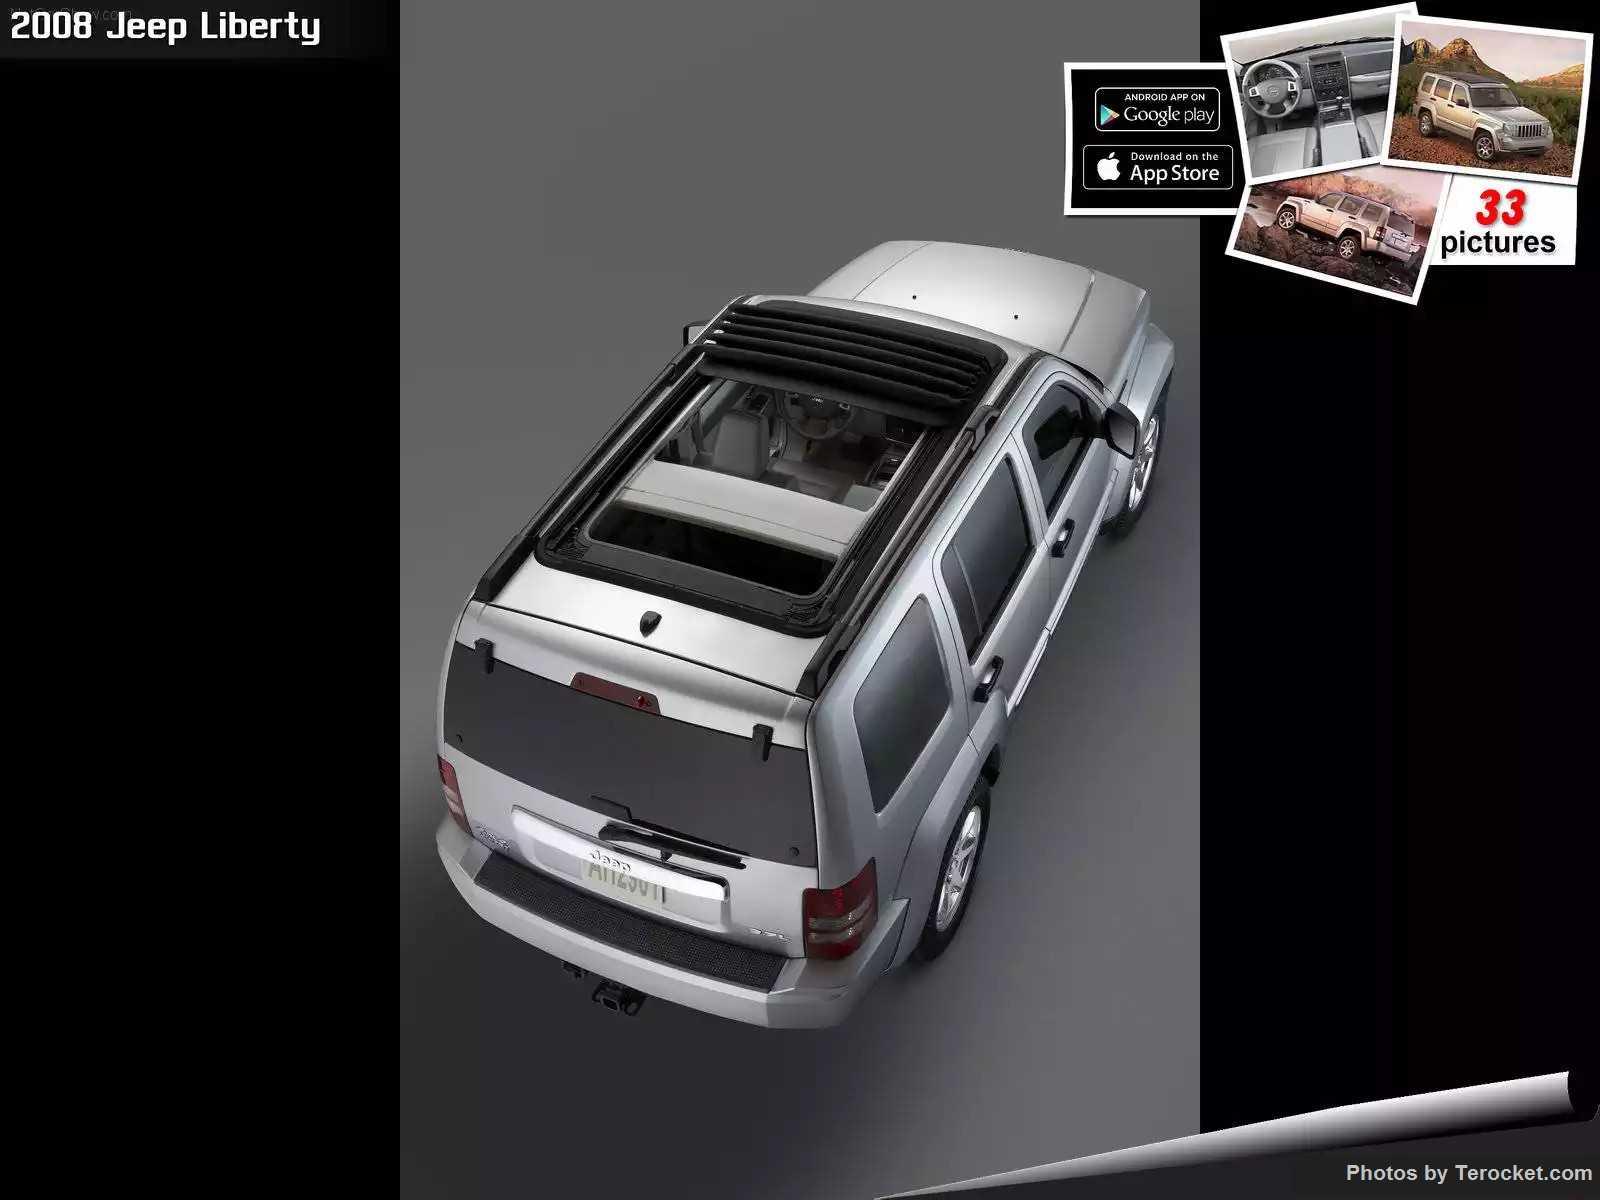 Hình ảnh xe ô tô Jeep Liberty 2008 & nội ngoại thất